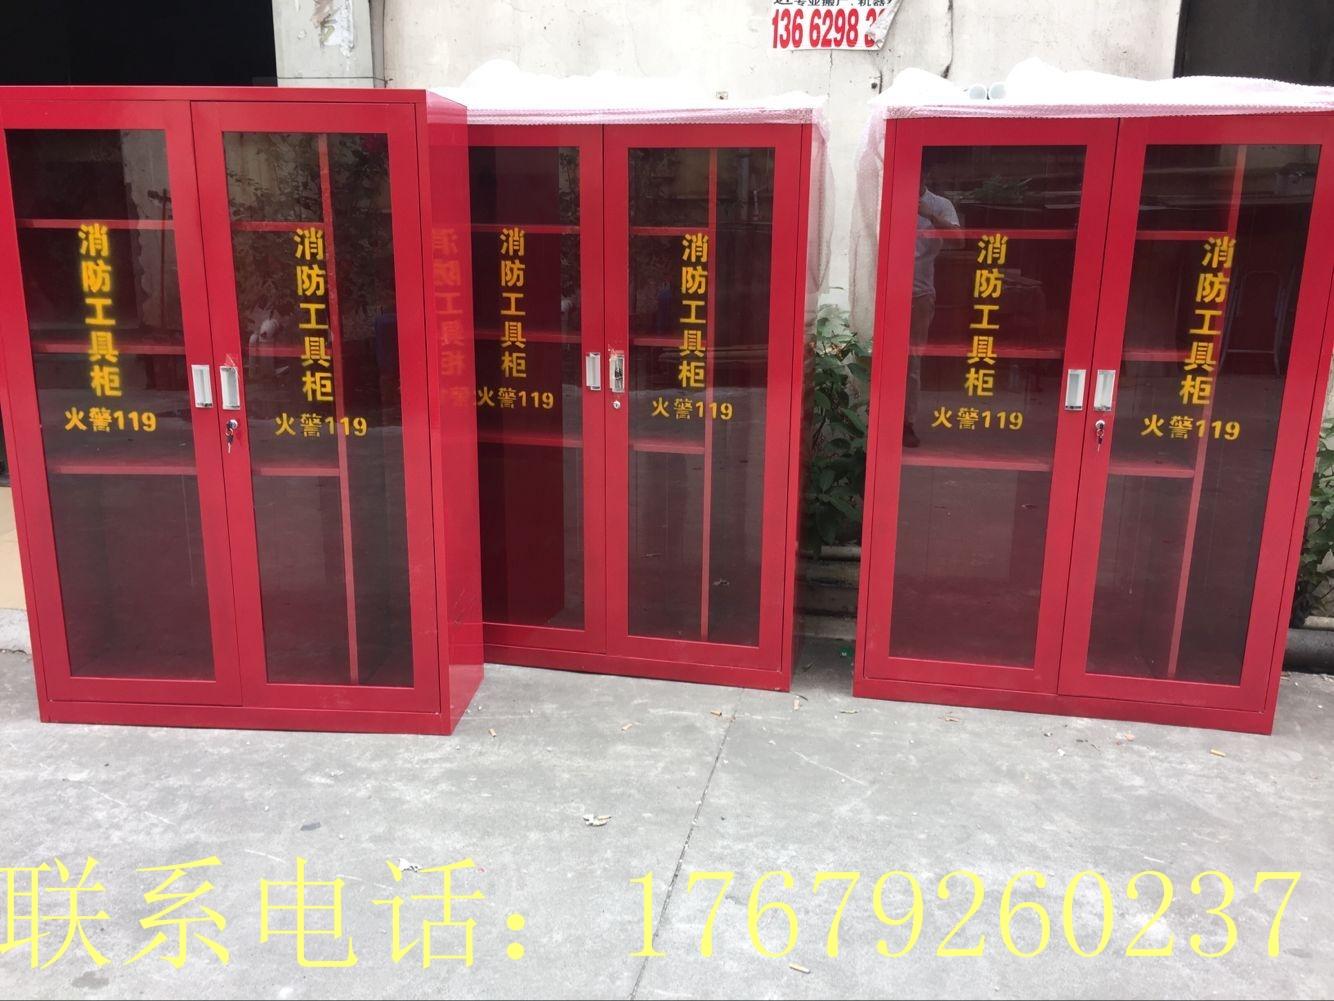 奥瑞斯有楼道消防工具柜 仓库消防工具柜 室外紧急器材柜 出售 厂家直销